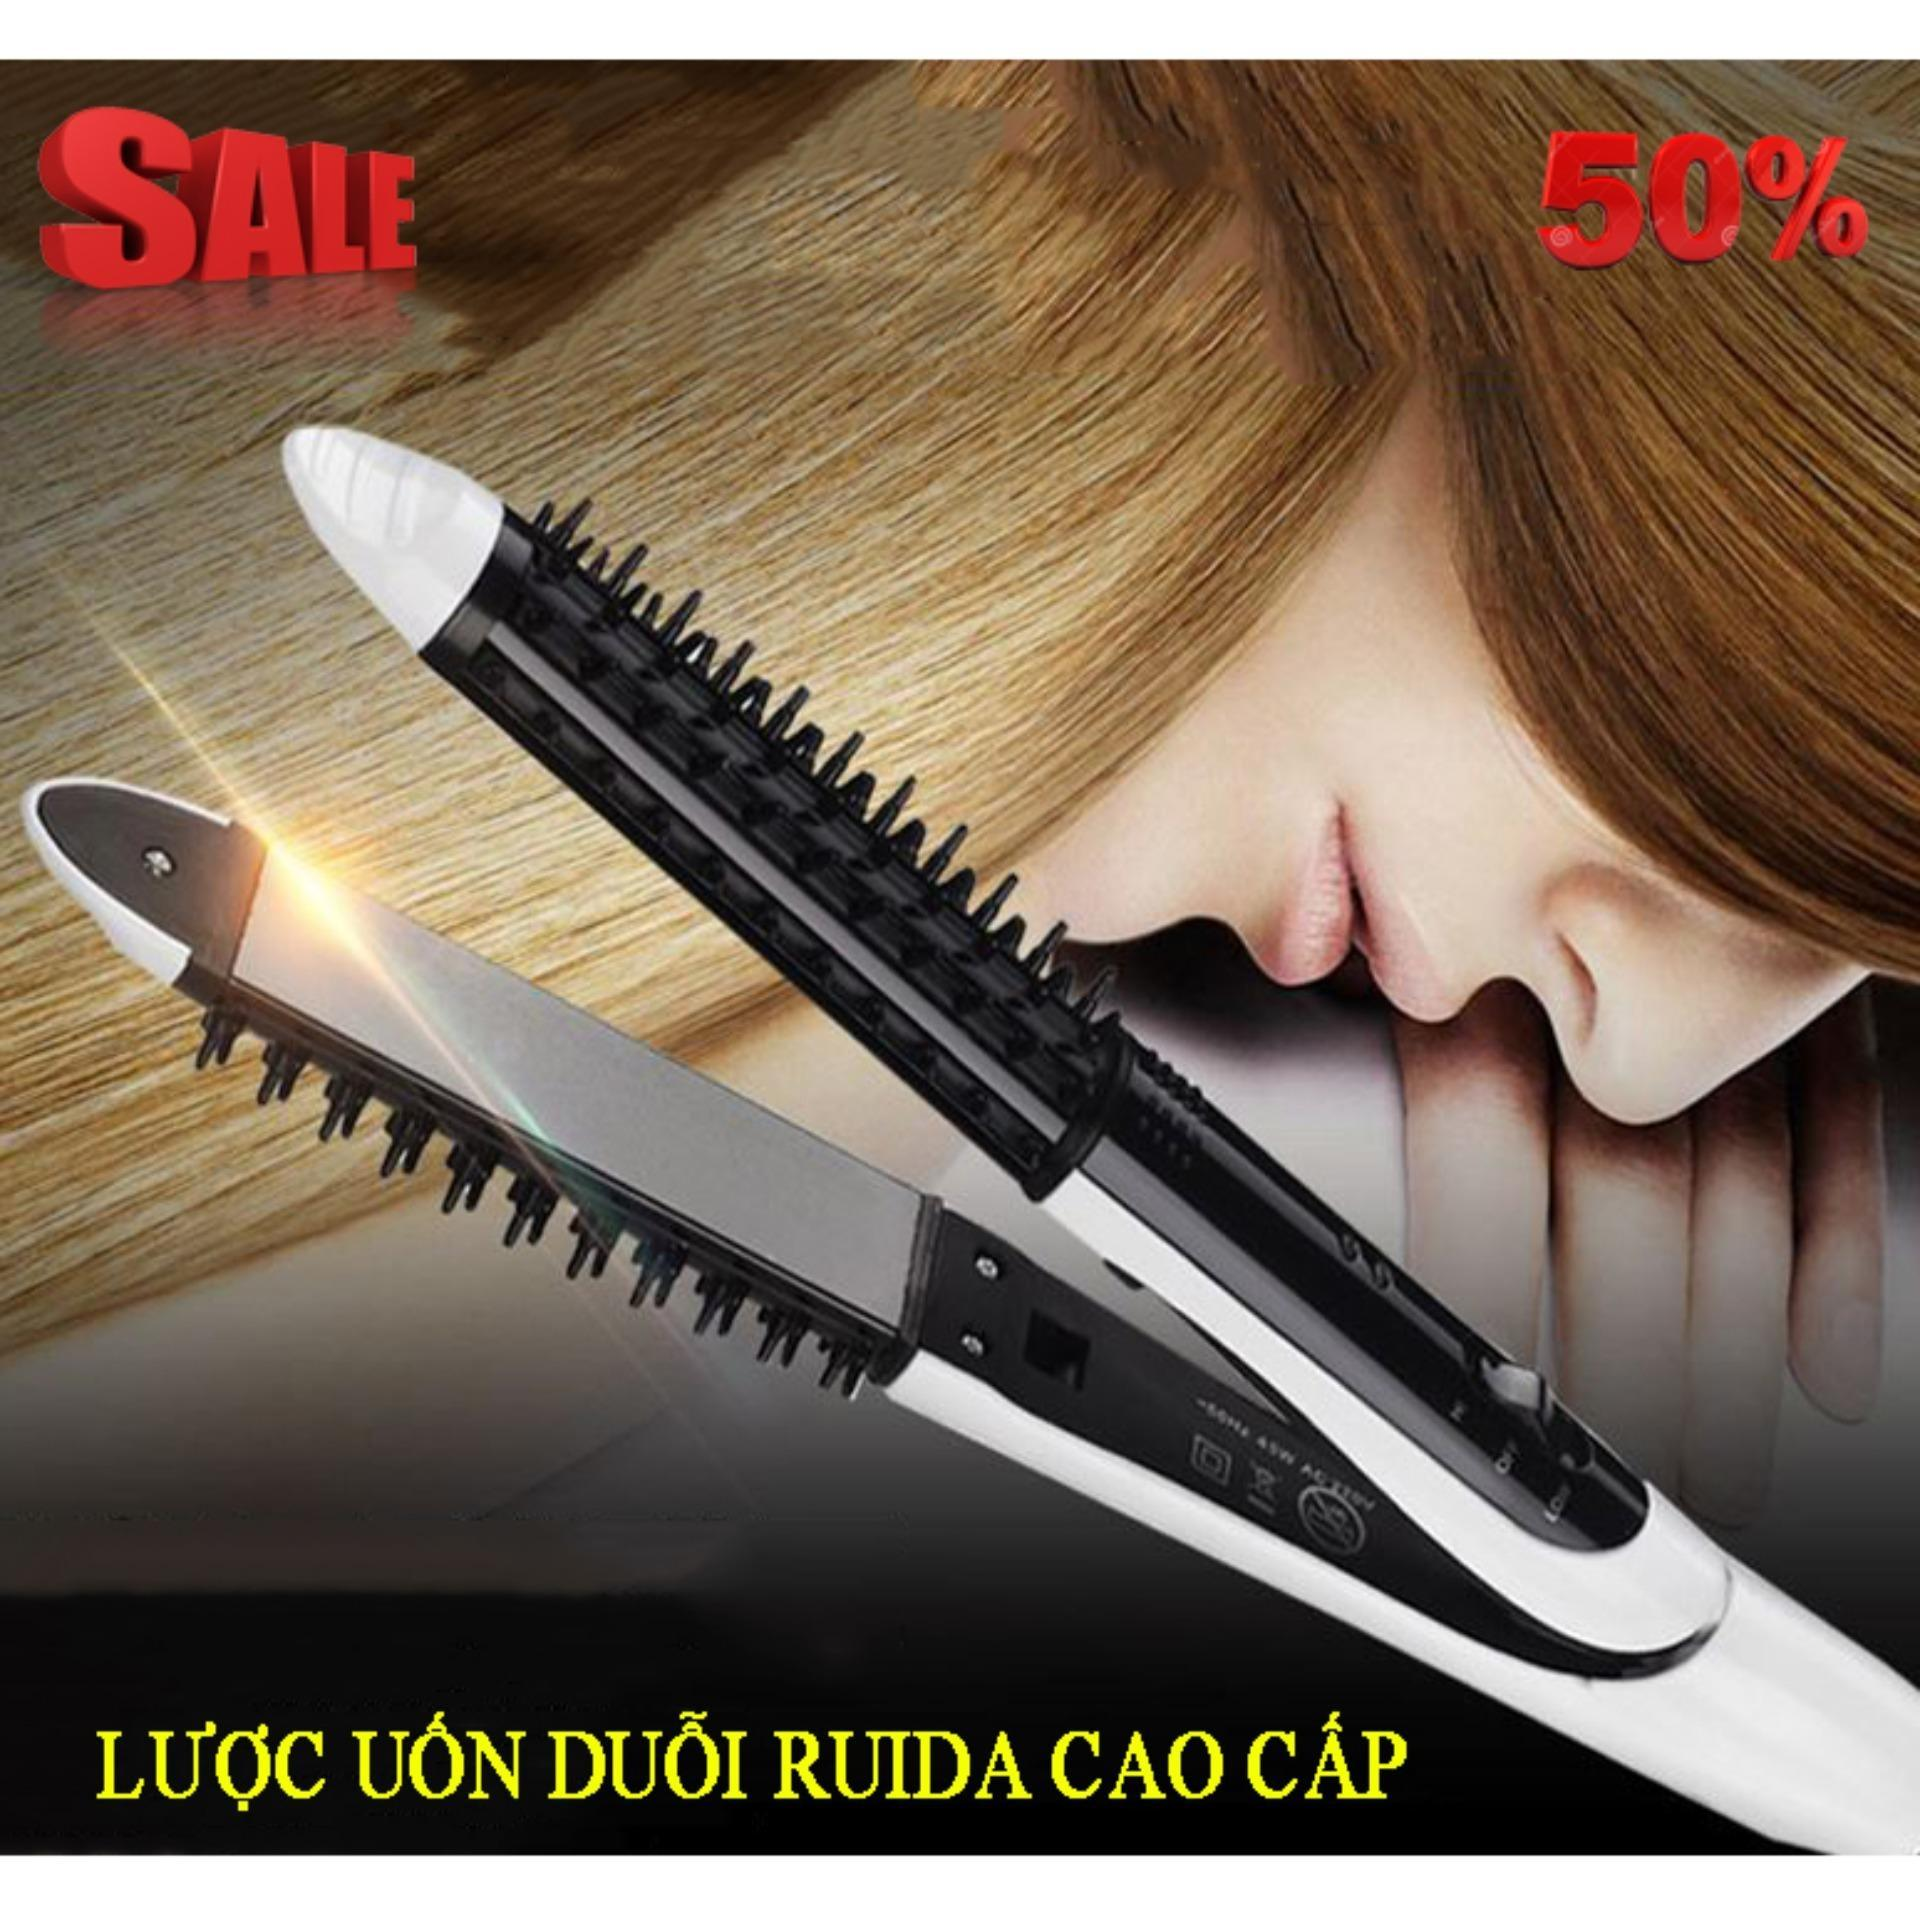 Mua Lược điện uốn tóc Ruida 3 in 1 giá tốt, Lược điện uốn tóc đa năng, tạo kiểu tóc Nhanh - Đẹp - Hàng cao cấp nhập khẩu nguyên chiếc  Bảo hành 1 đổi 1 nhập khẩu